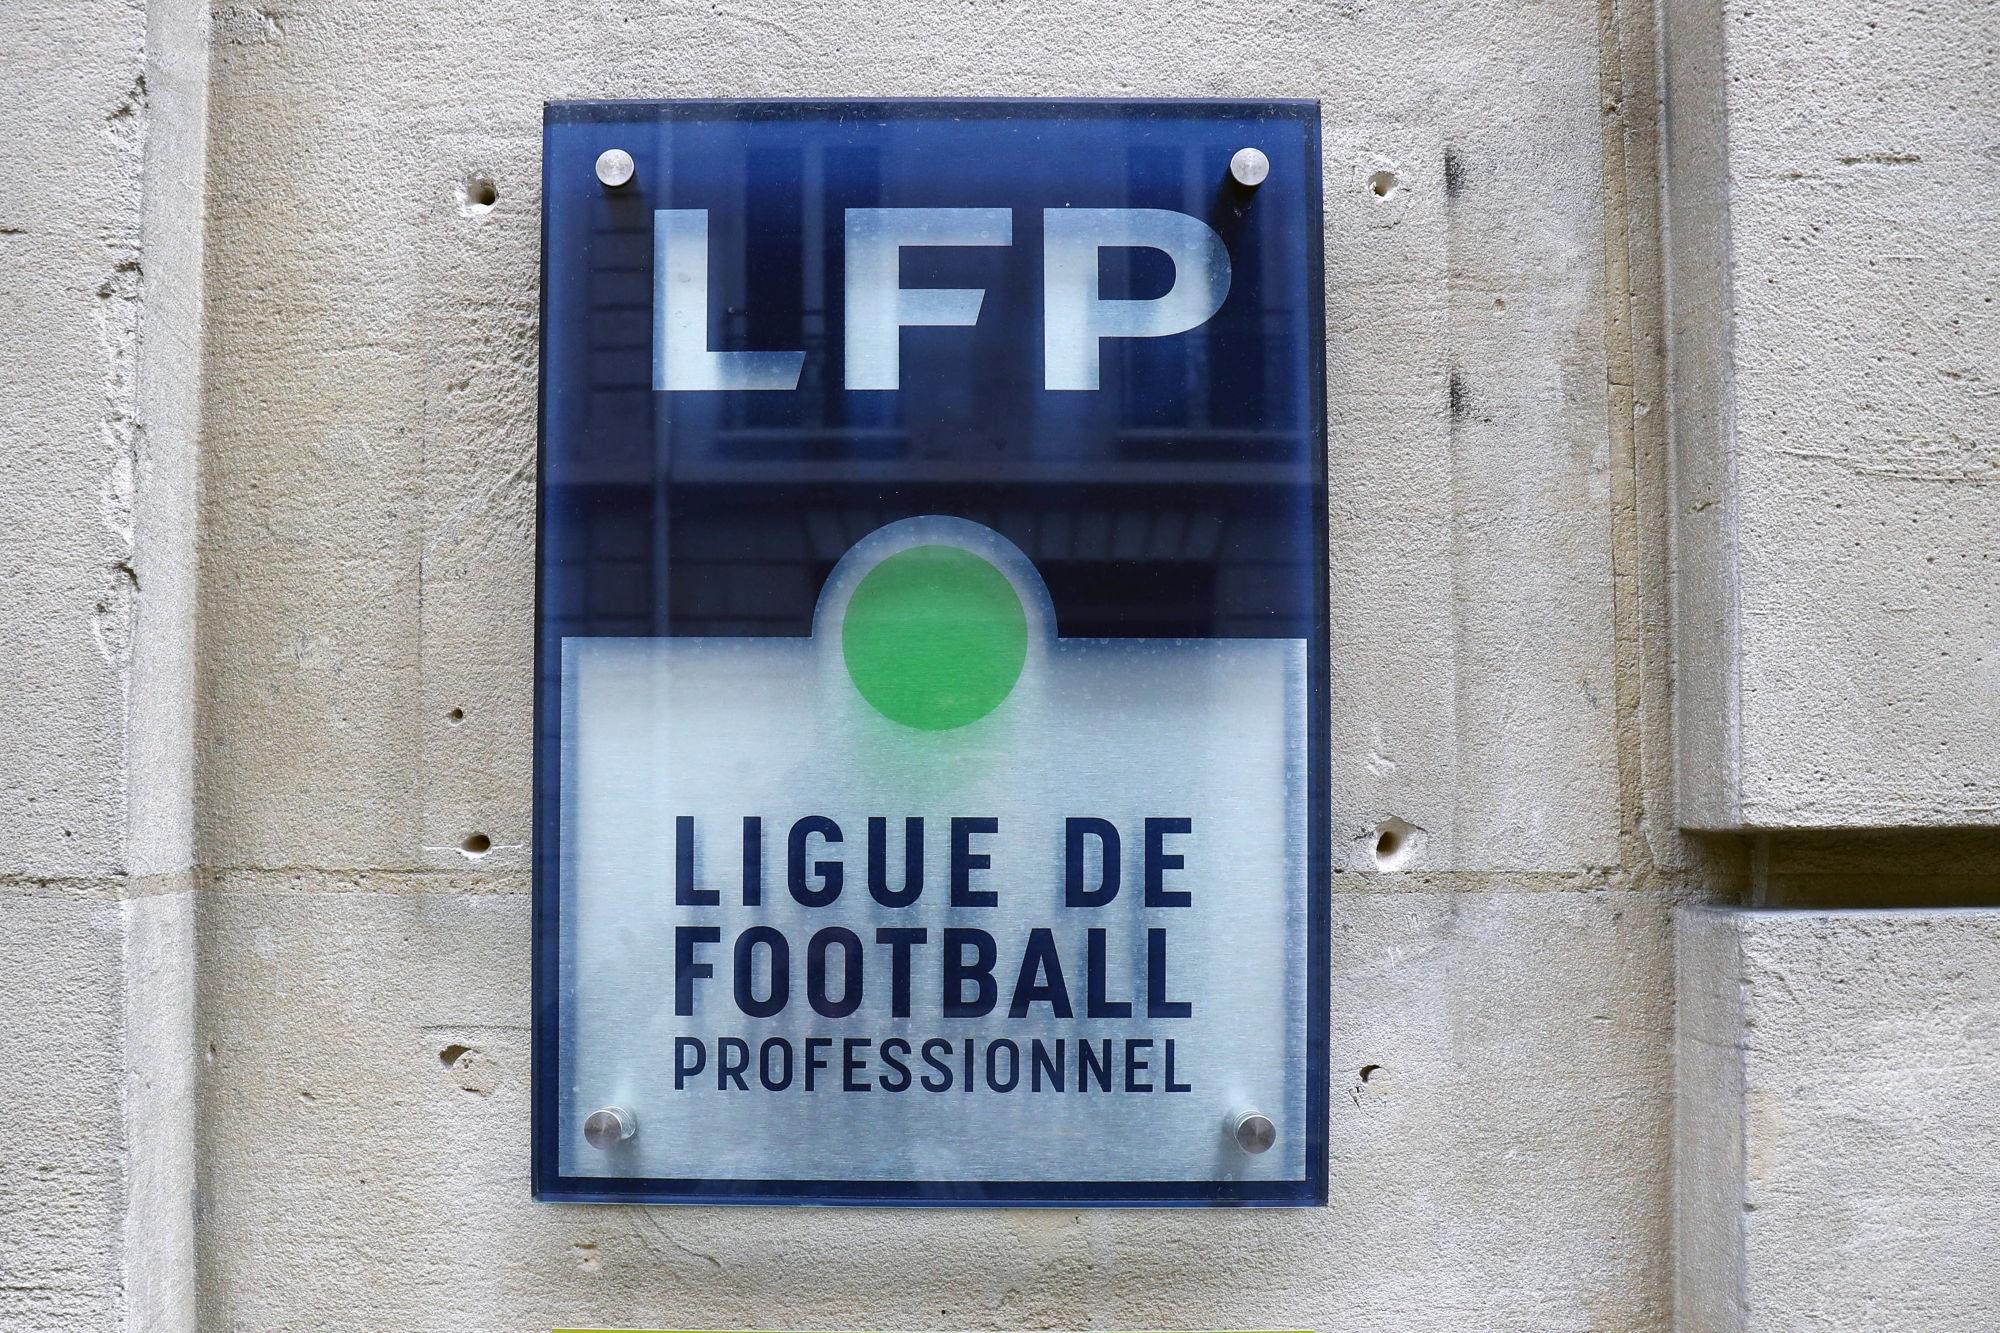 """La LFP a trouvé un accord pour un emprunt auprès d'une """"banque étrangère"""", annonce L'Equipe"""